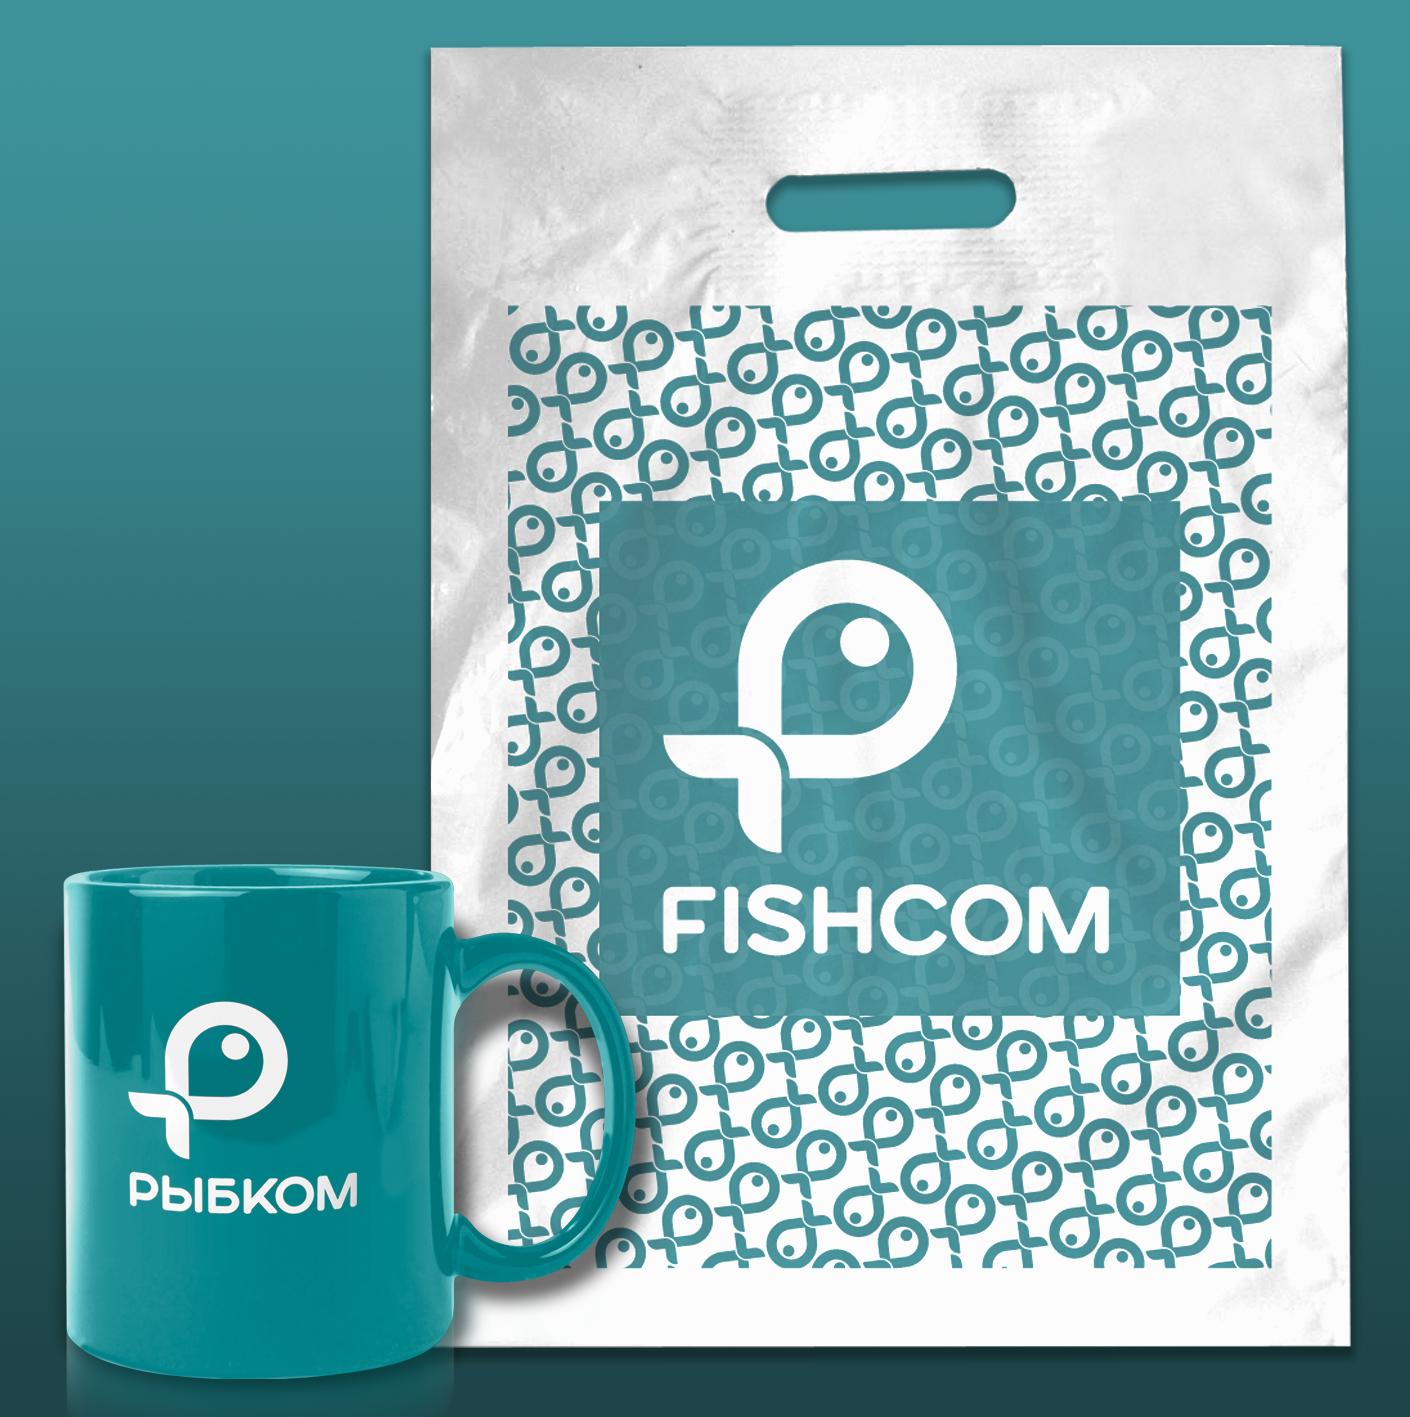 Создание логотипа и брэндбука для компании РЫБКОМ фото f_3845c13faab00cd9.png